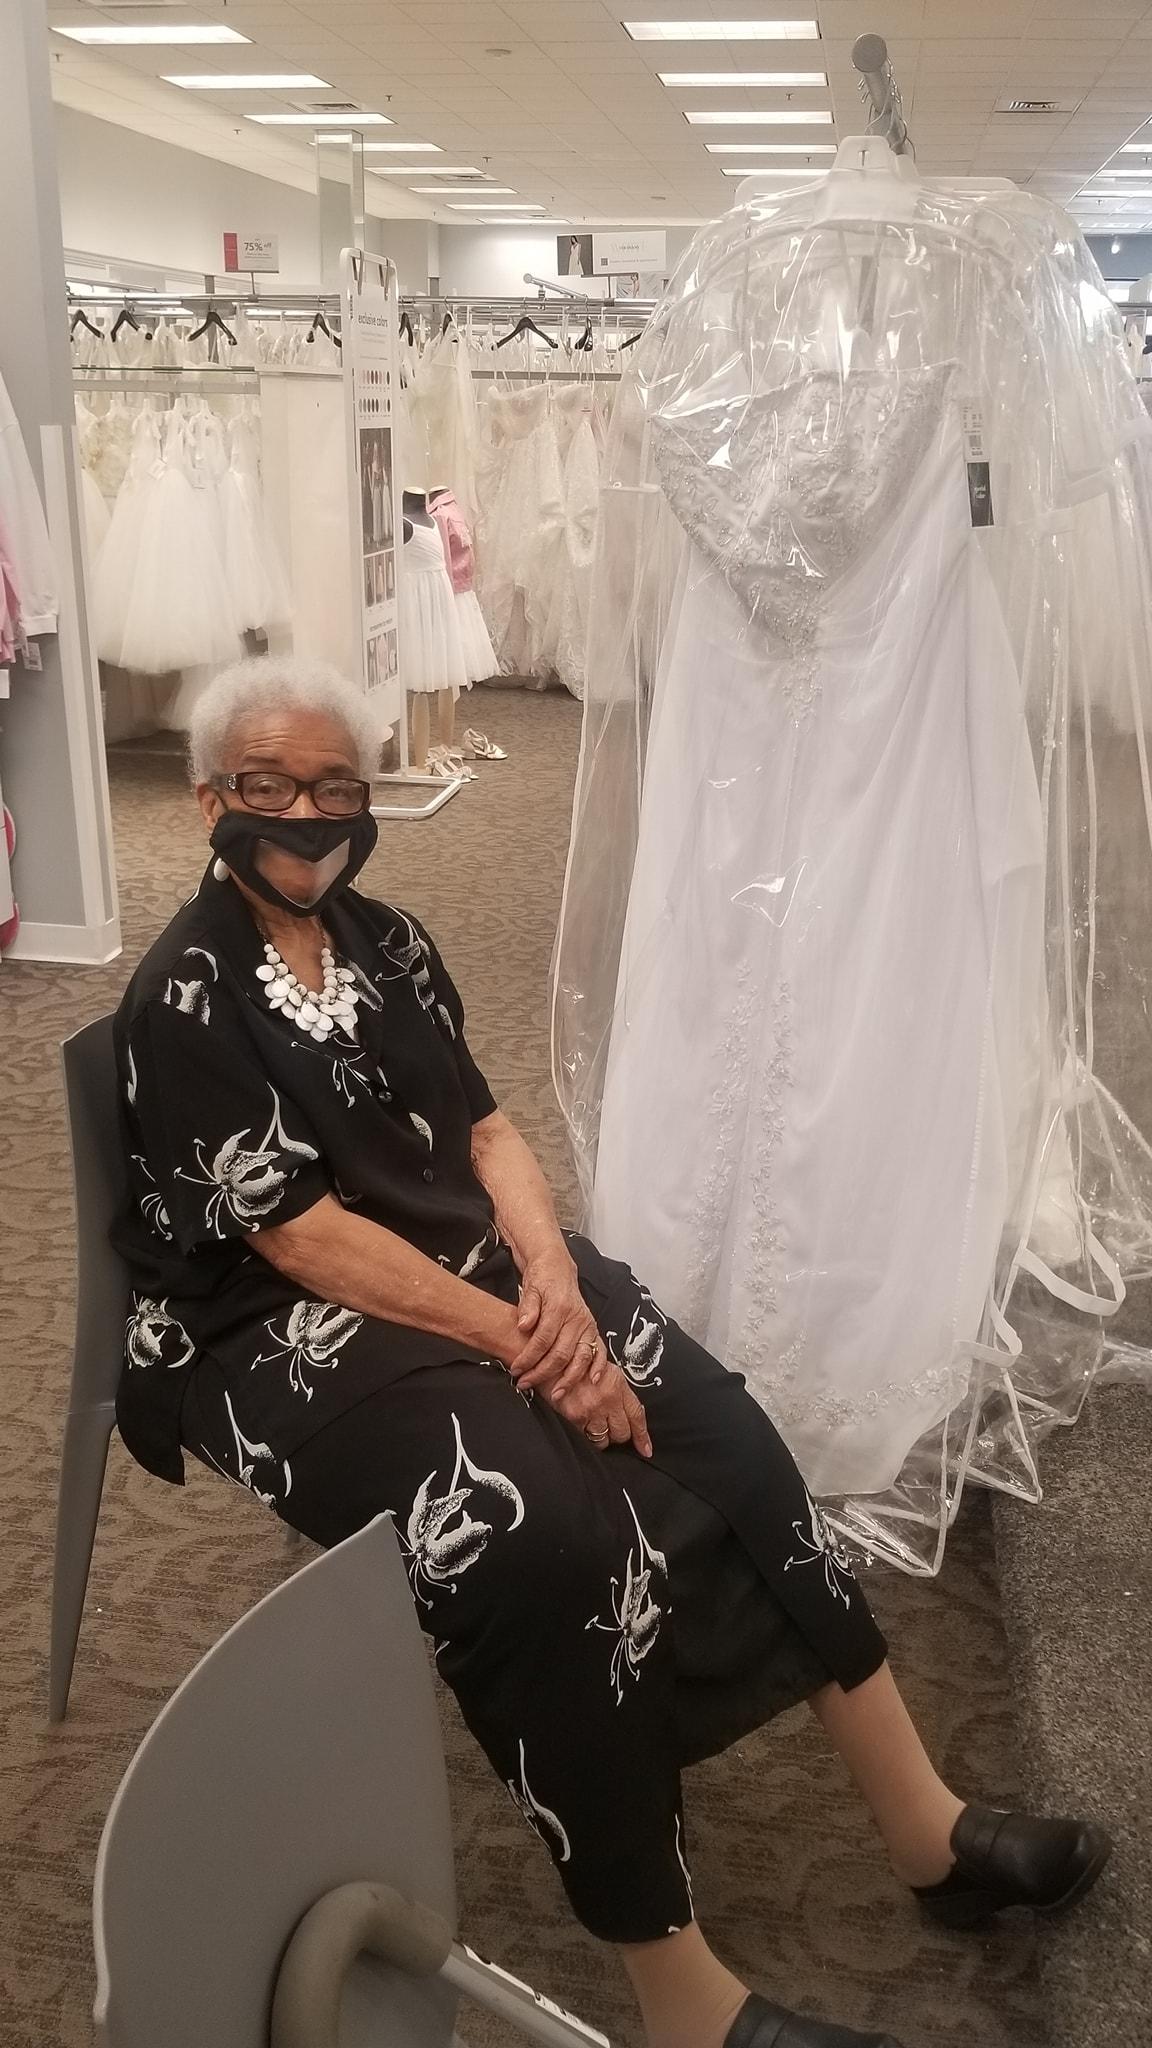 Baki se ostvarila želja: Prvi put je obukla pravu vjenčanicu - CdM